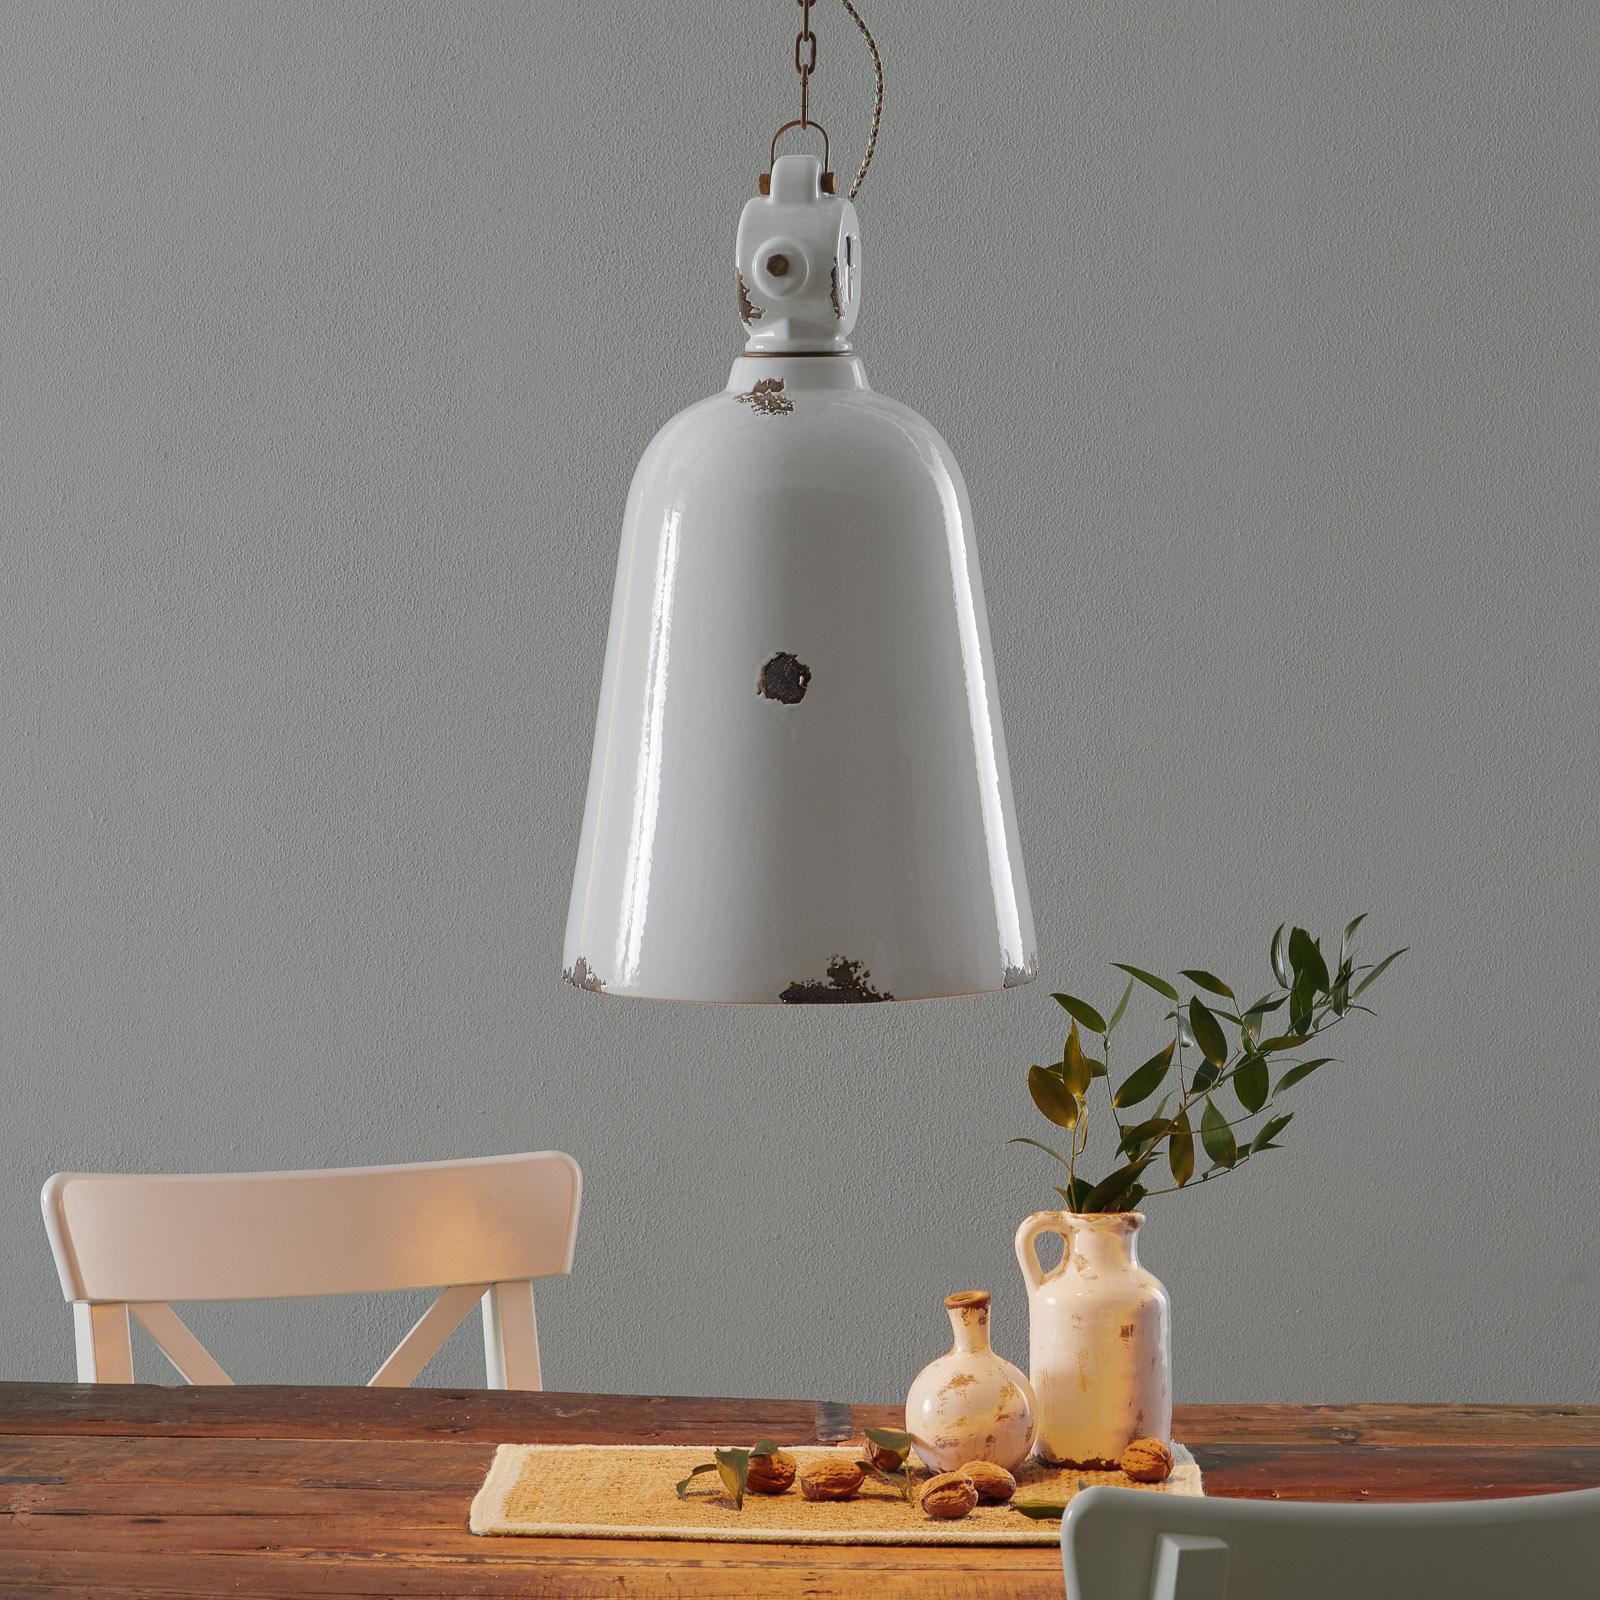 Vintage hanglamp C1745, conisch, wit